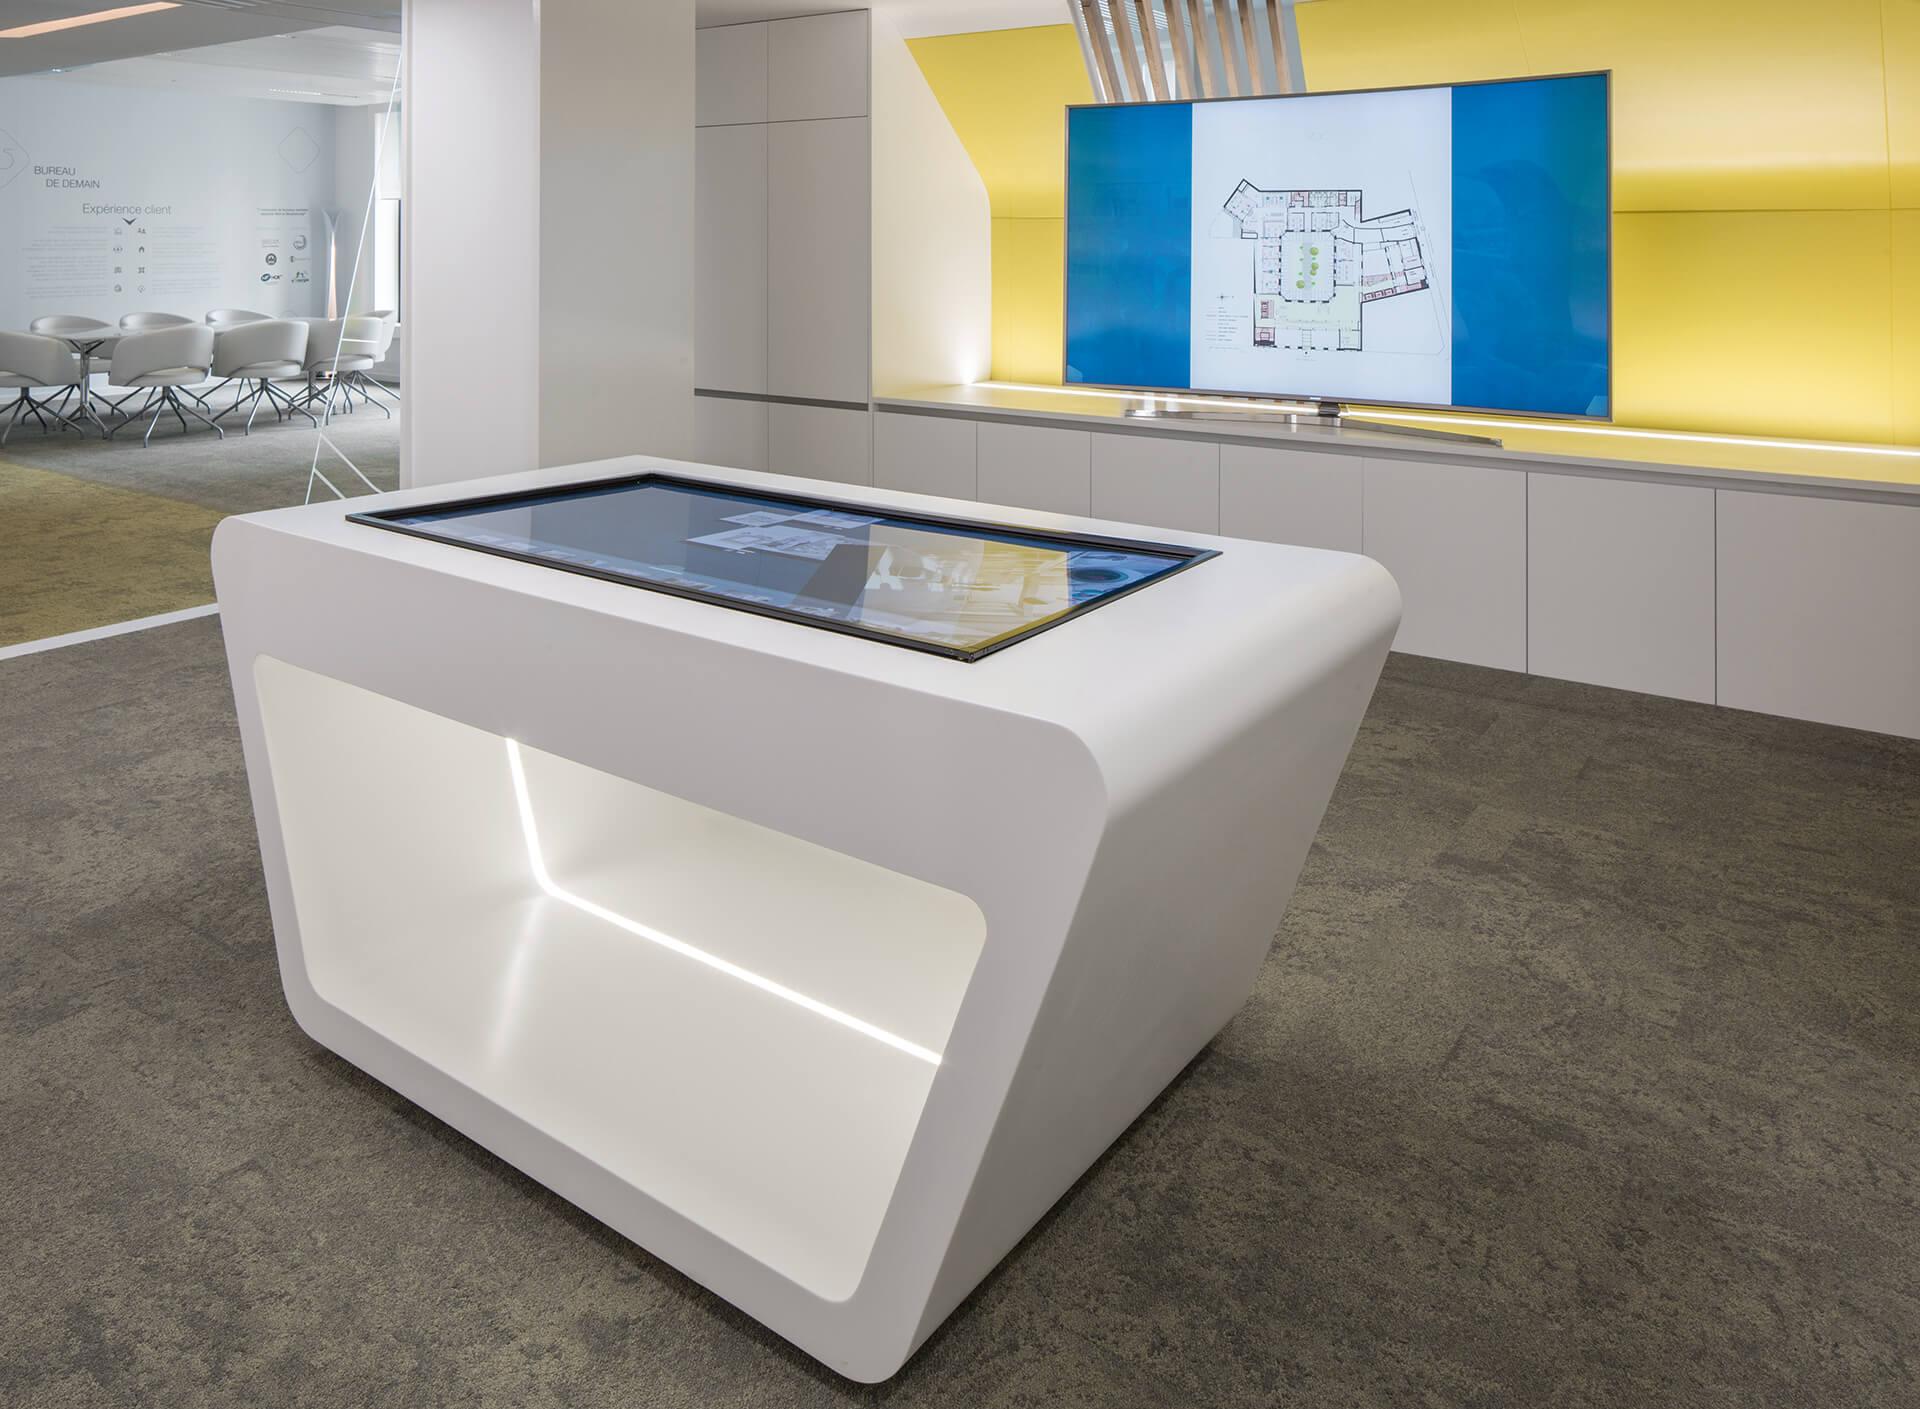 móvel com ecrã embutido e armários de parede